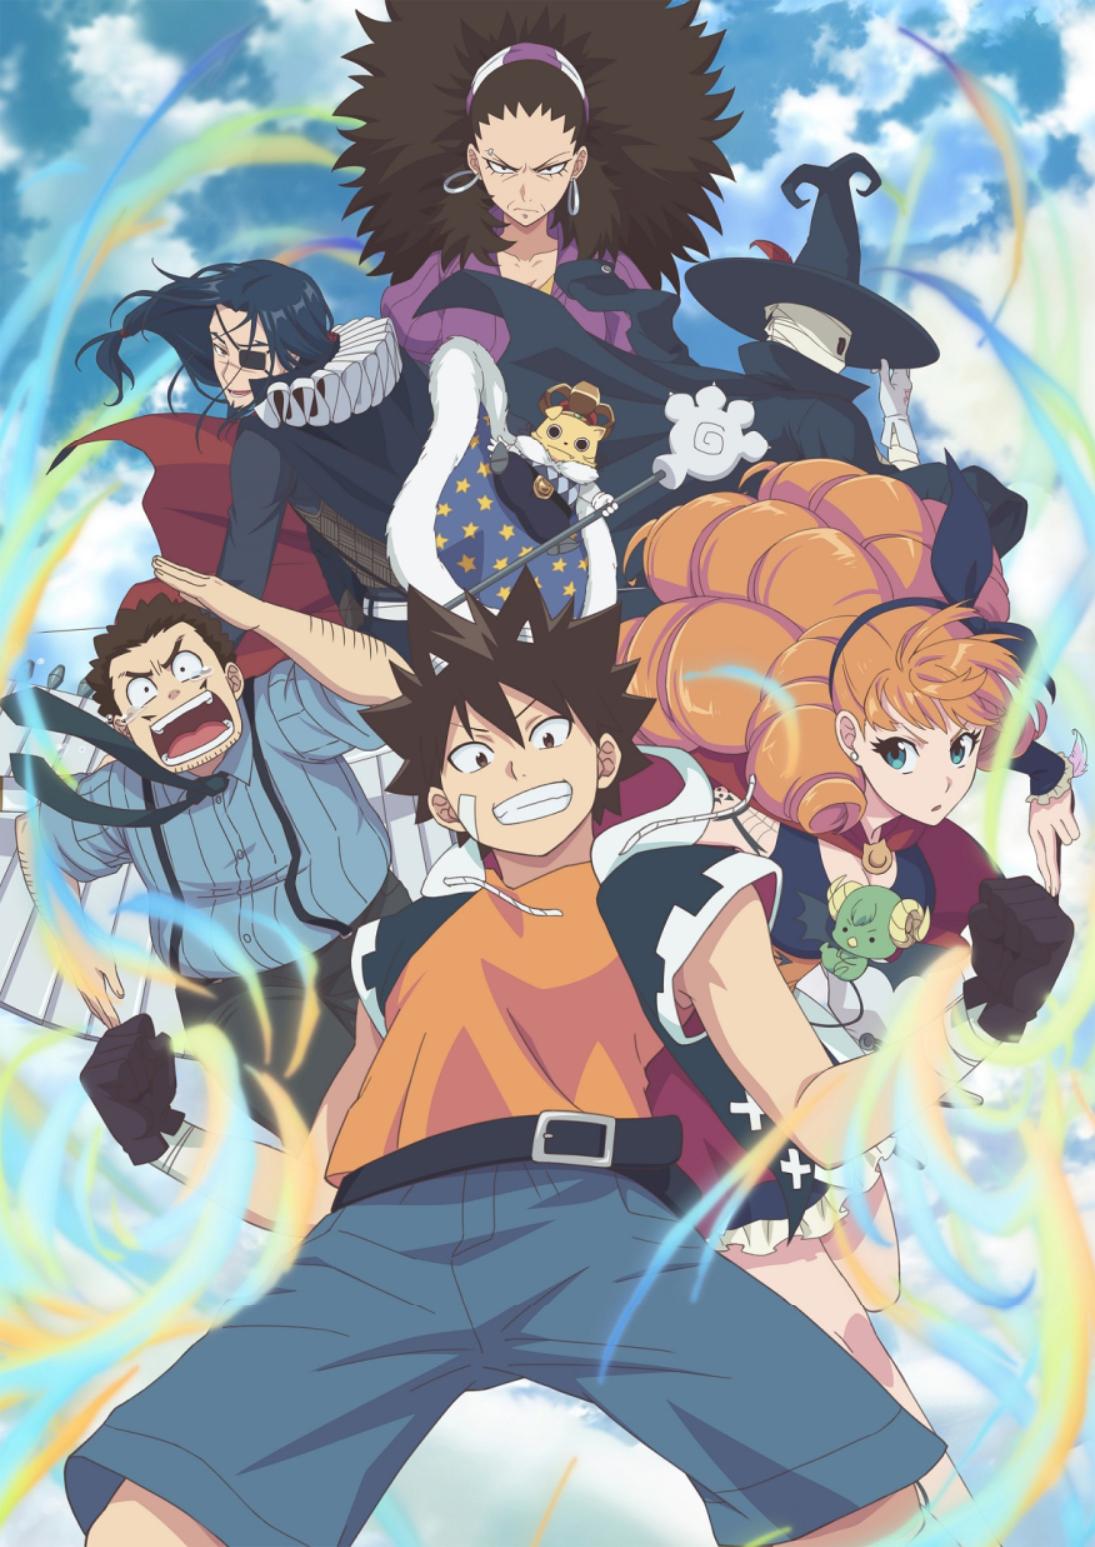 180901 – 豪華聲優公開!『蒼藍鋼鐵戰艦』團隊打造法國漫畫《RADIANT》為NHK動畫版、敲定10/6首播!